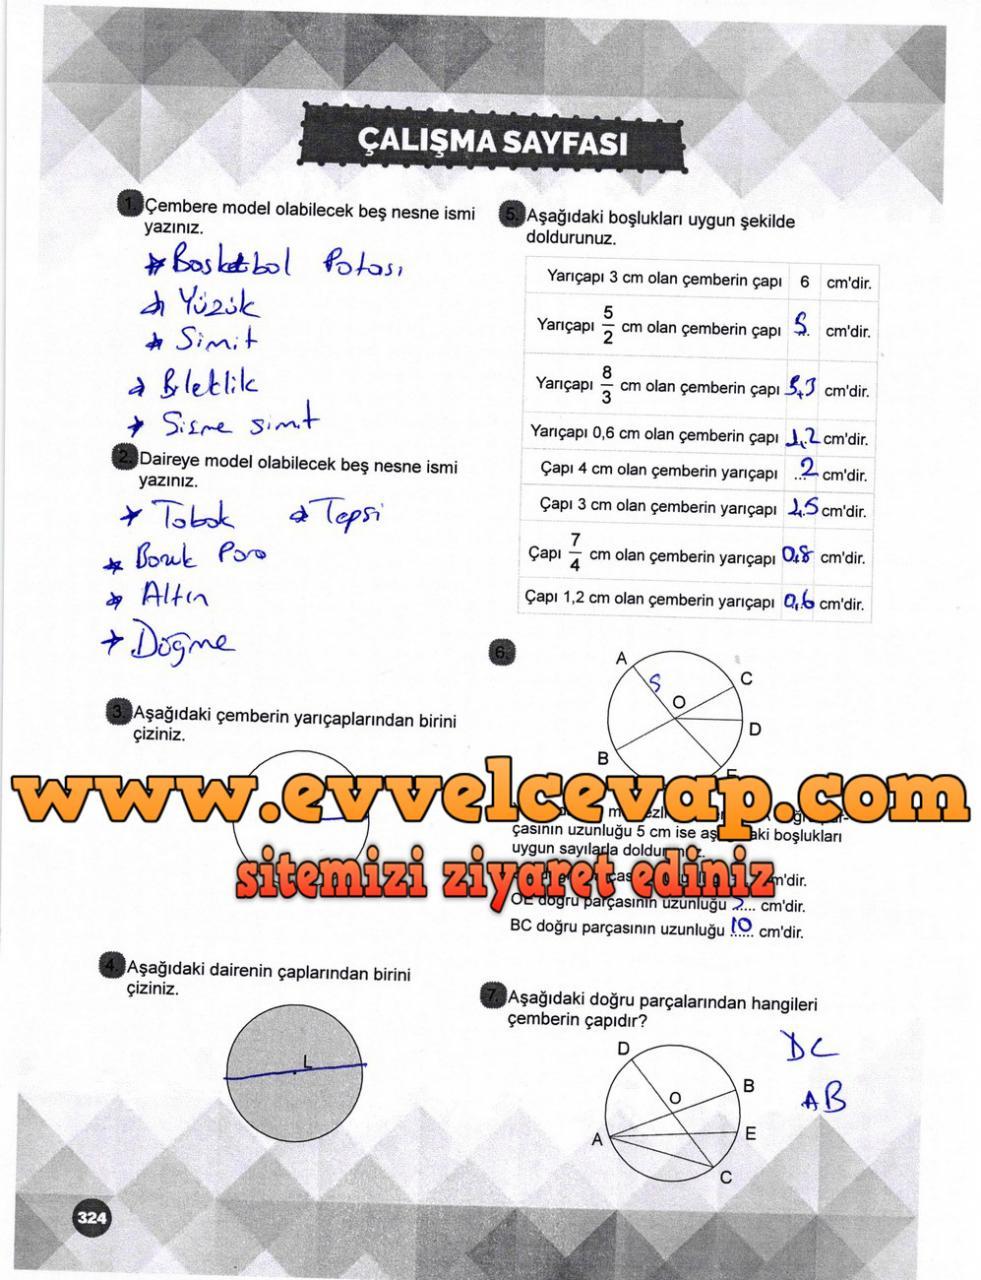 6. Sınıf Matematik Ders Kitabı Meb Yayınları Sayfa 324 Cevabı 2018-2019